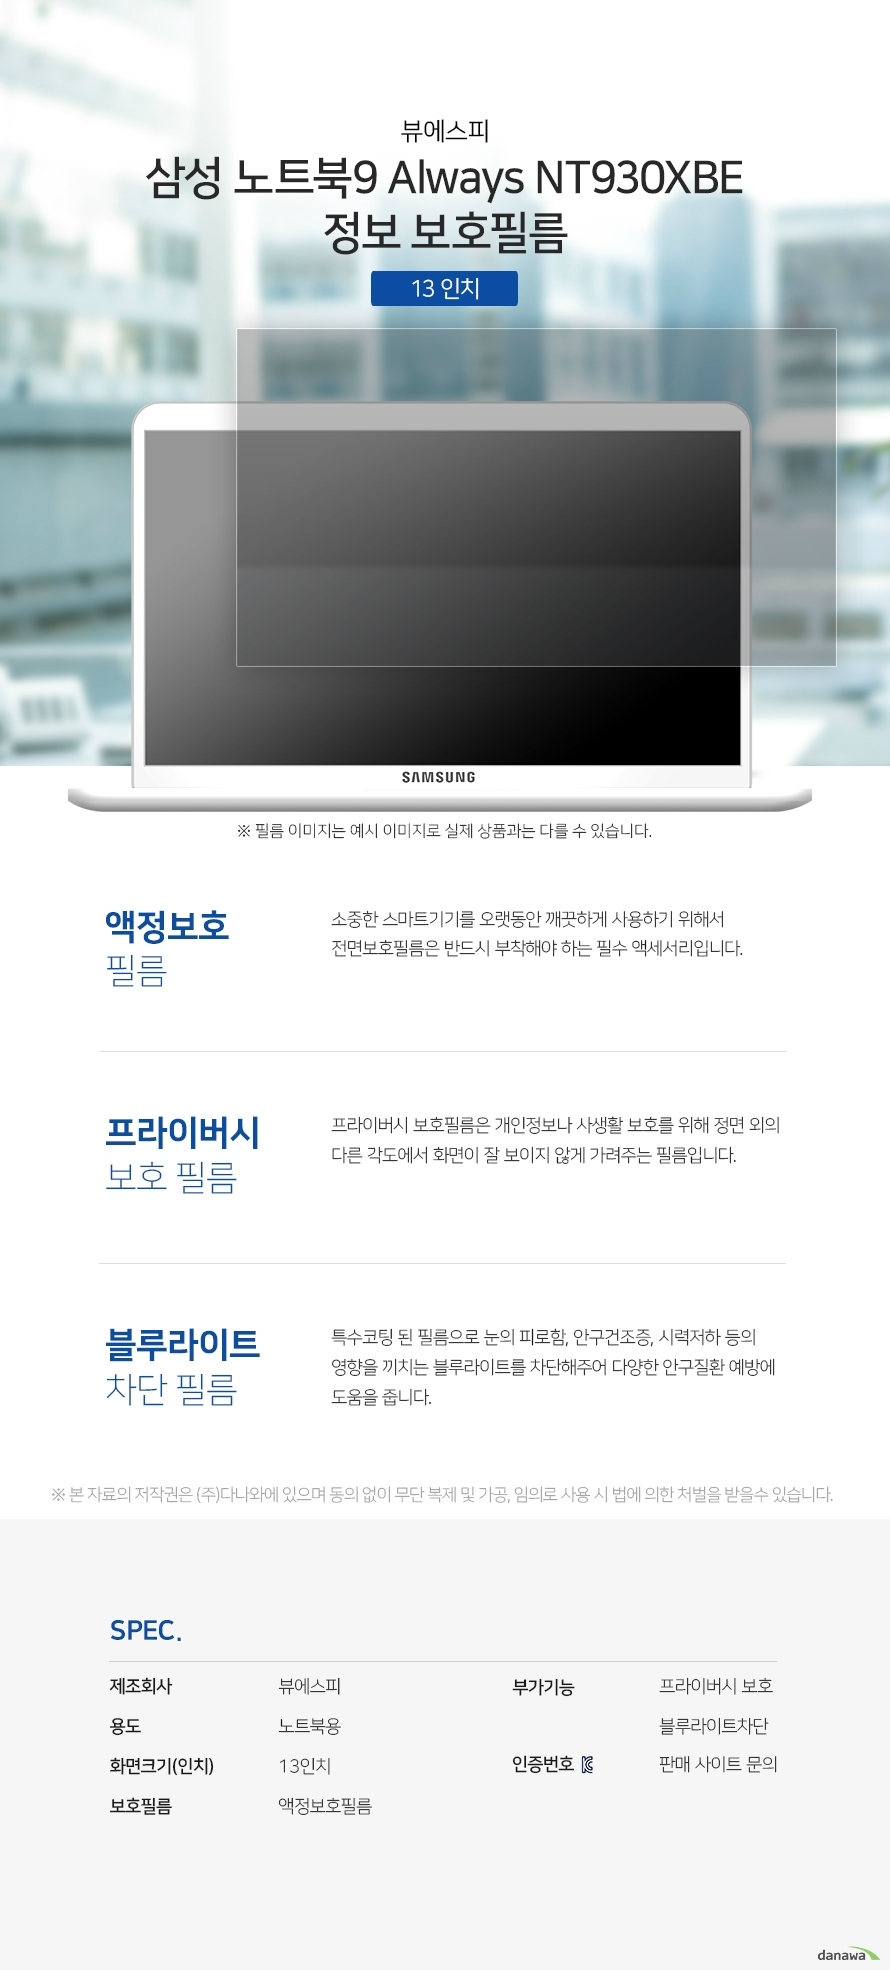 뷰에스피 삼성 노트북9 Always NT930XBE 정보 보호필름 상세 스펙 액정보호용품 / 노트북용 / 액정보호필름 / 13인치 / Privacy보호 / 블루라이트차단